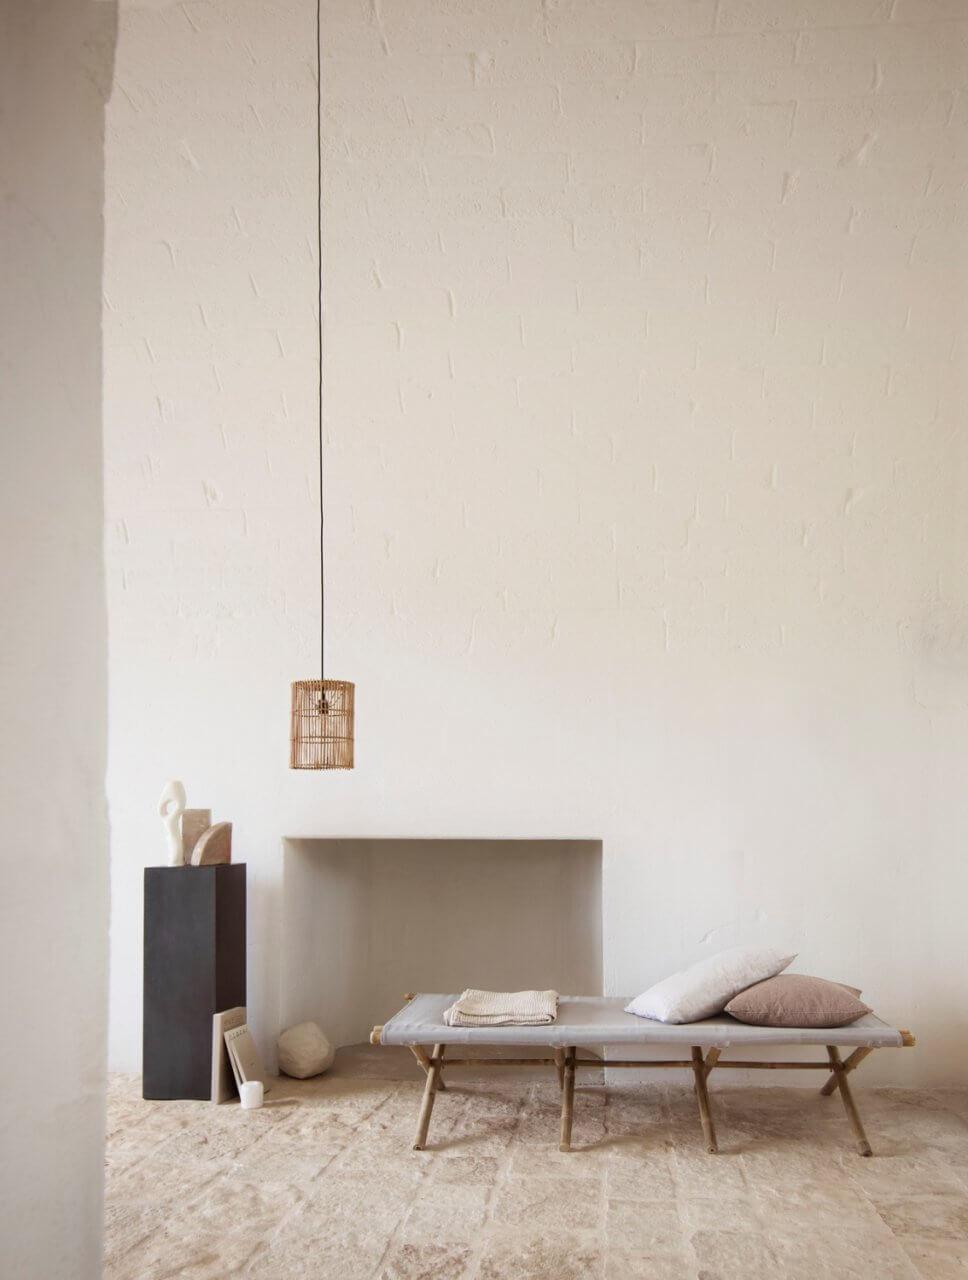 Minimalistisches Wohnzimmer mit Hängelampe und Klapp-Feldbett aus Bambus in mediterranem Haus mit Steinboden